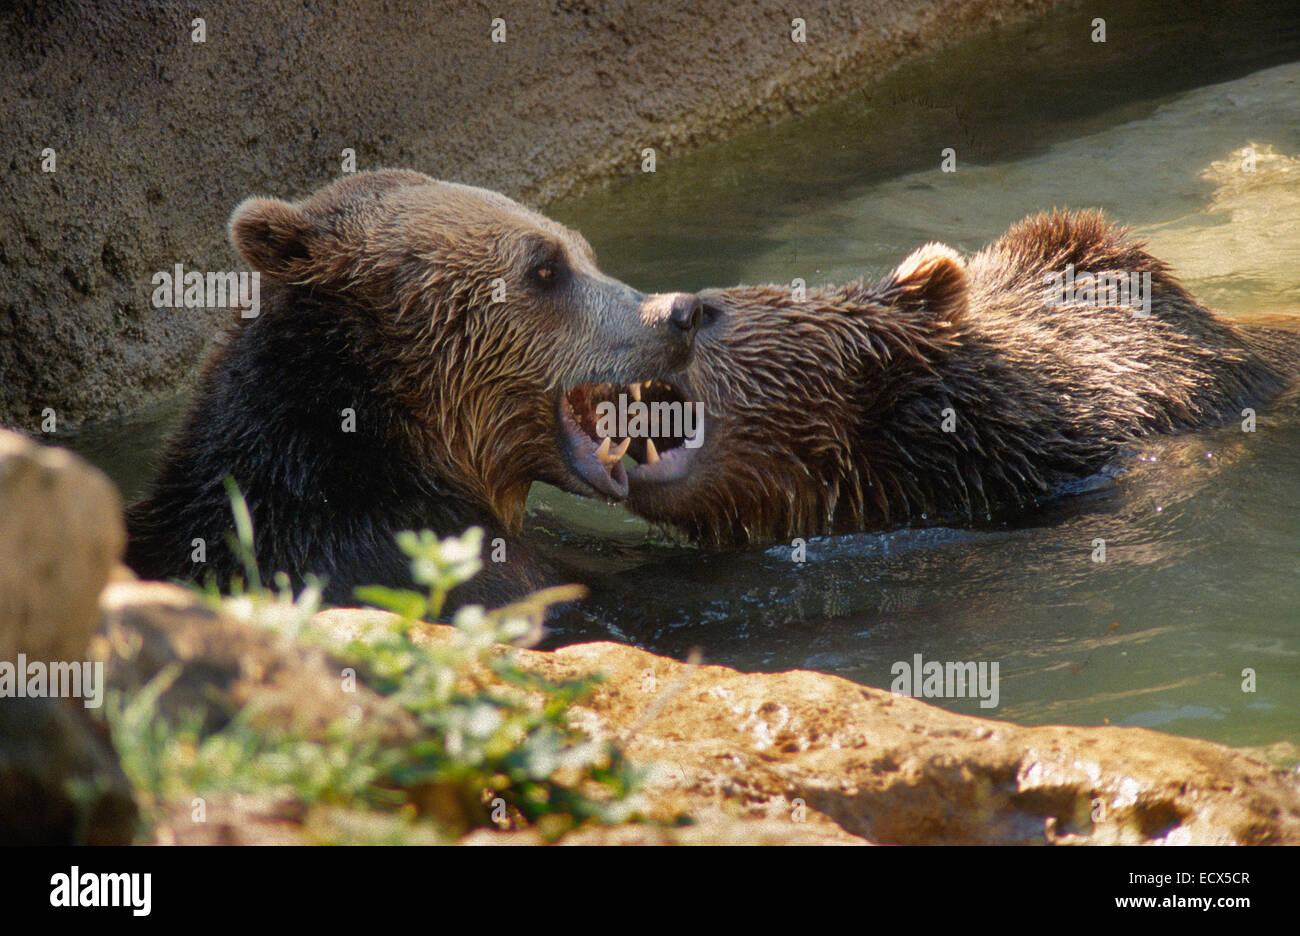 Ours brun, Ursus arctos, Ursidae, Zoo de Rome, Italie Photo Stock